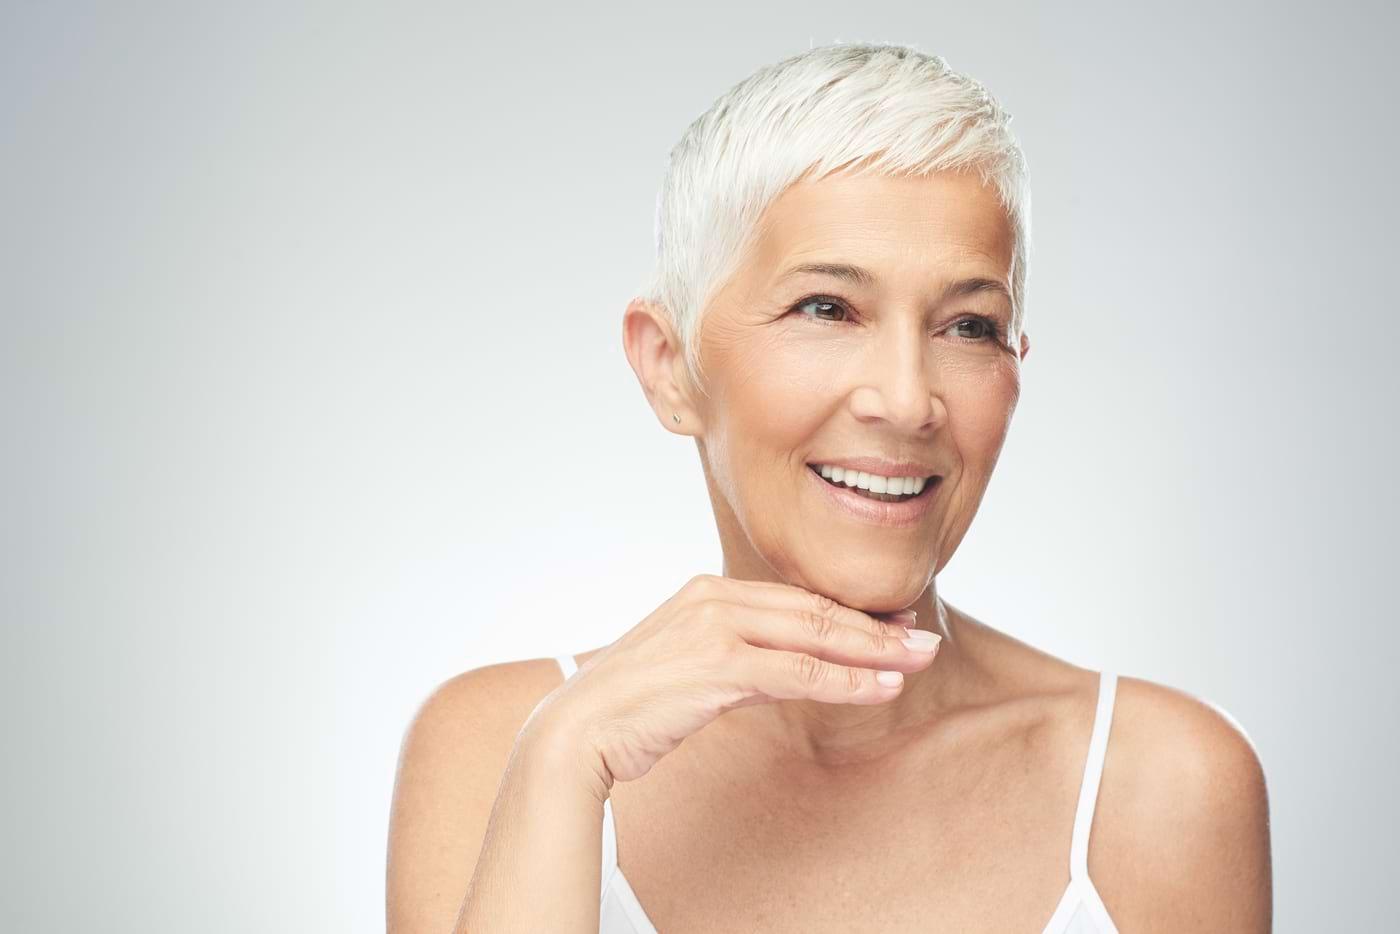 Când trebuie să iei suplimentele anti-aging? Înainte, între sau după mese?